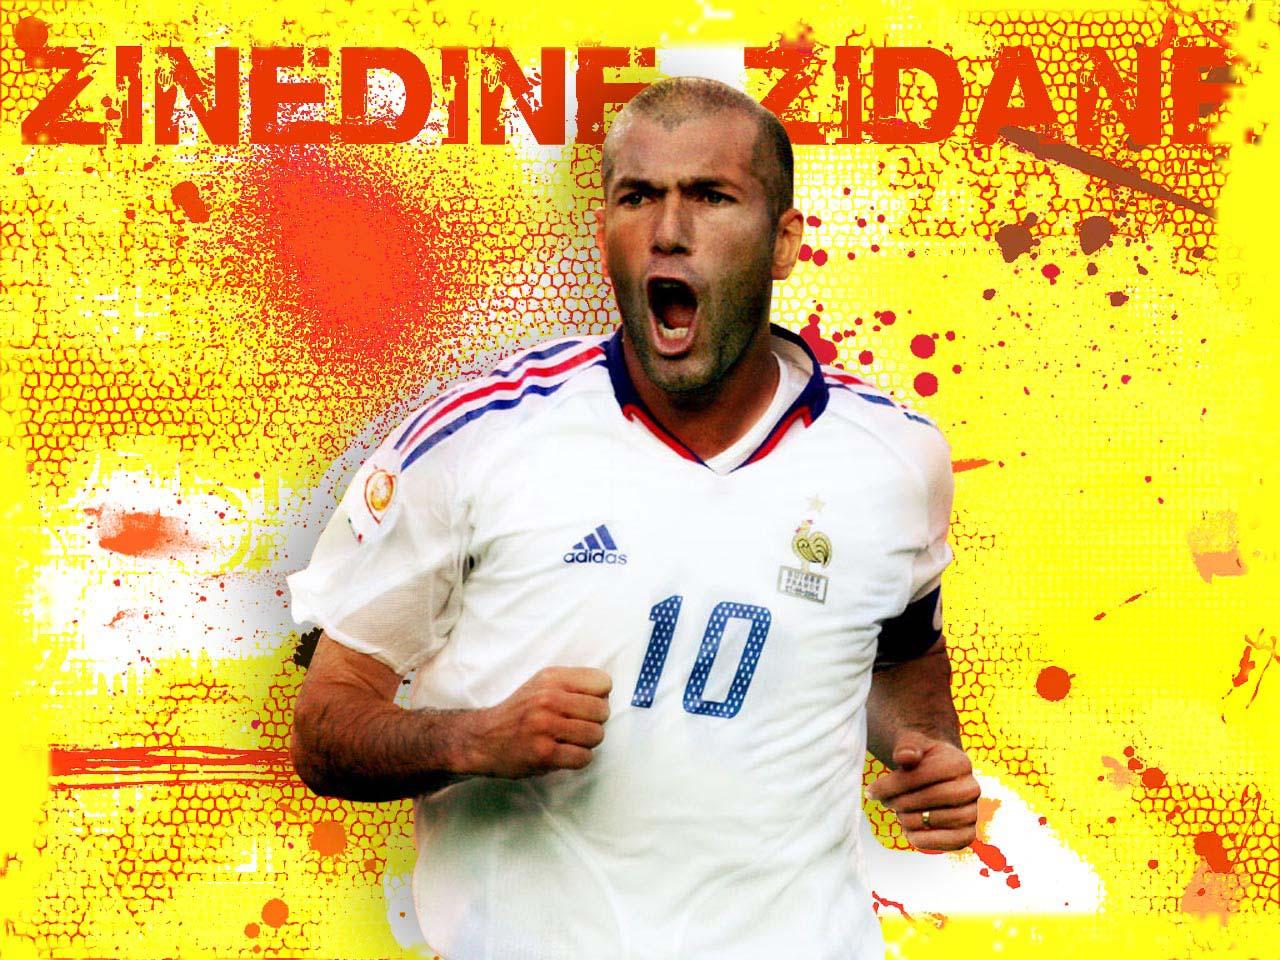 http://2.bp.blogspot.com/_gk7rxlPA3bo/TThXHz0B2pI/AAAAAAAABgk/LqEkAkTveZU/s1600/Zinedine_Zidane_Wallpaper.jpg